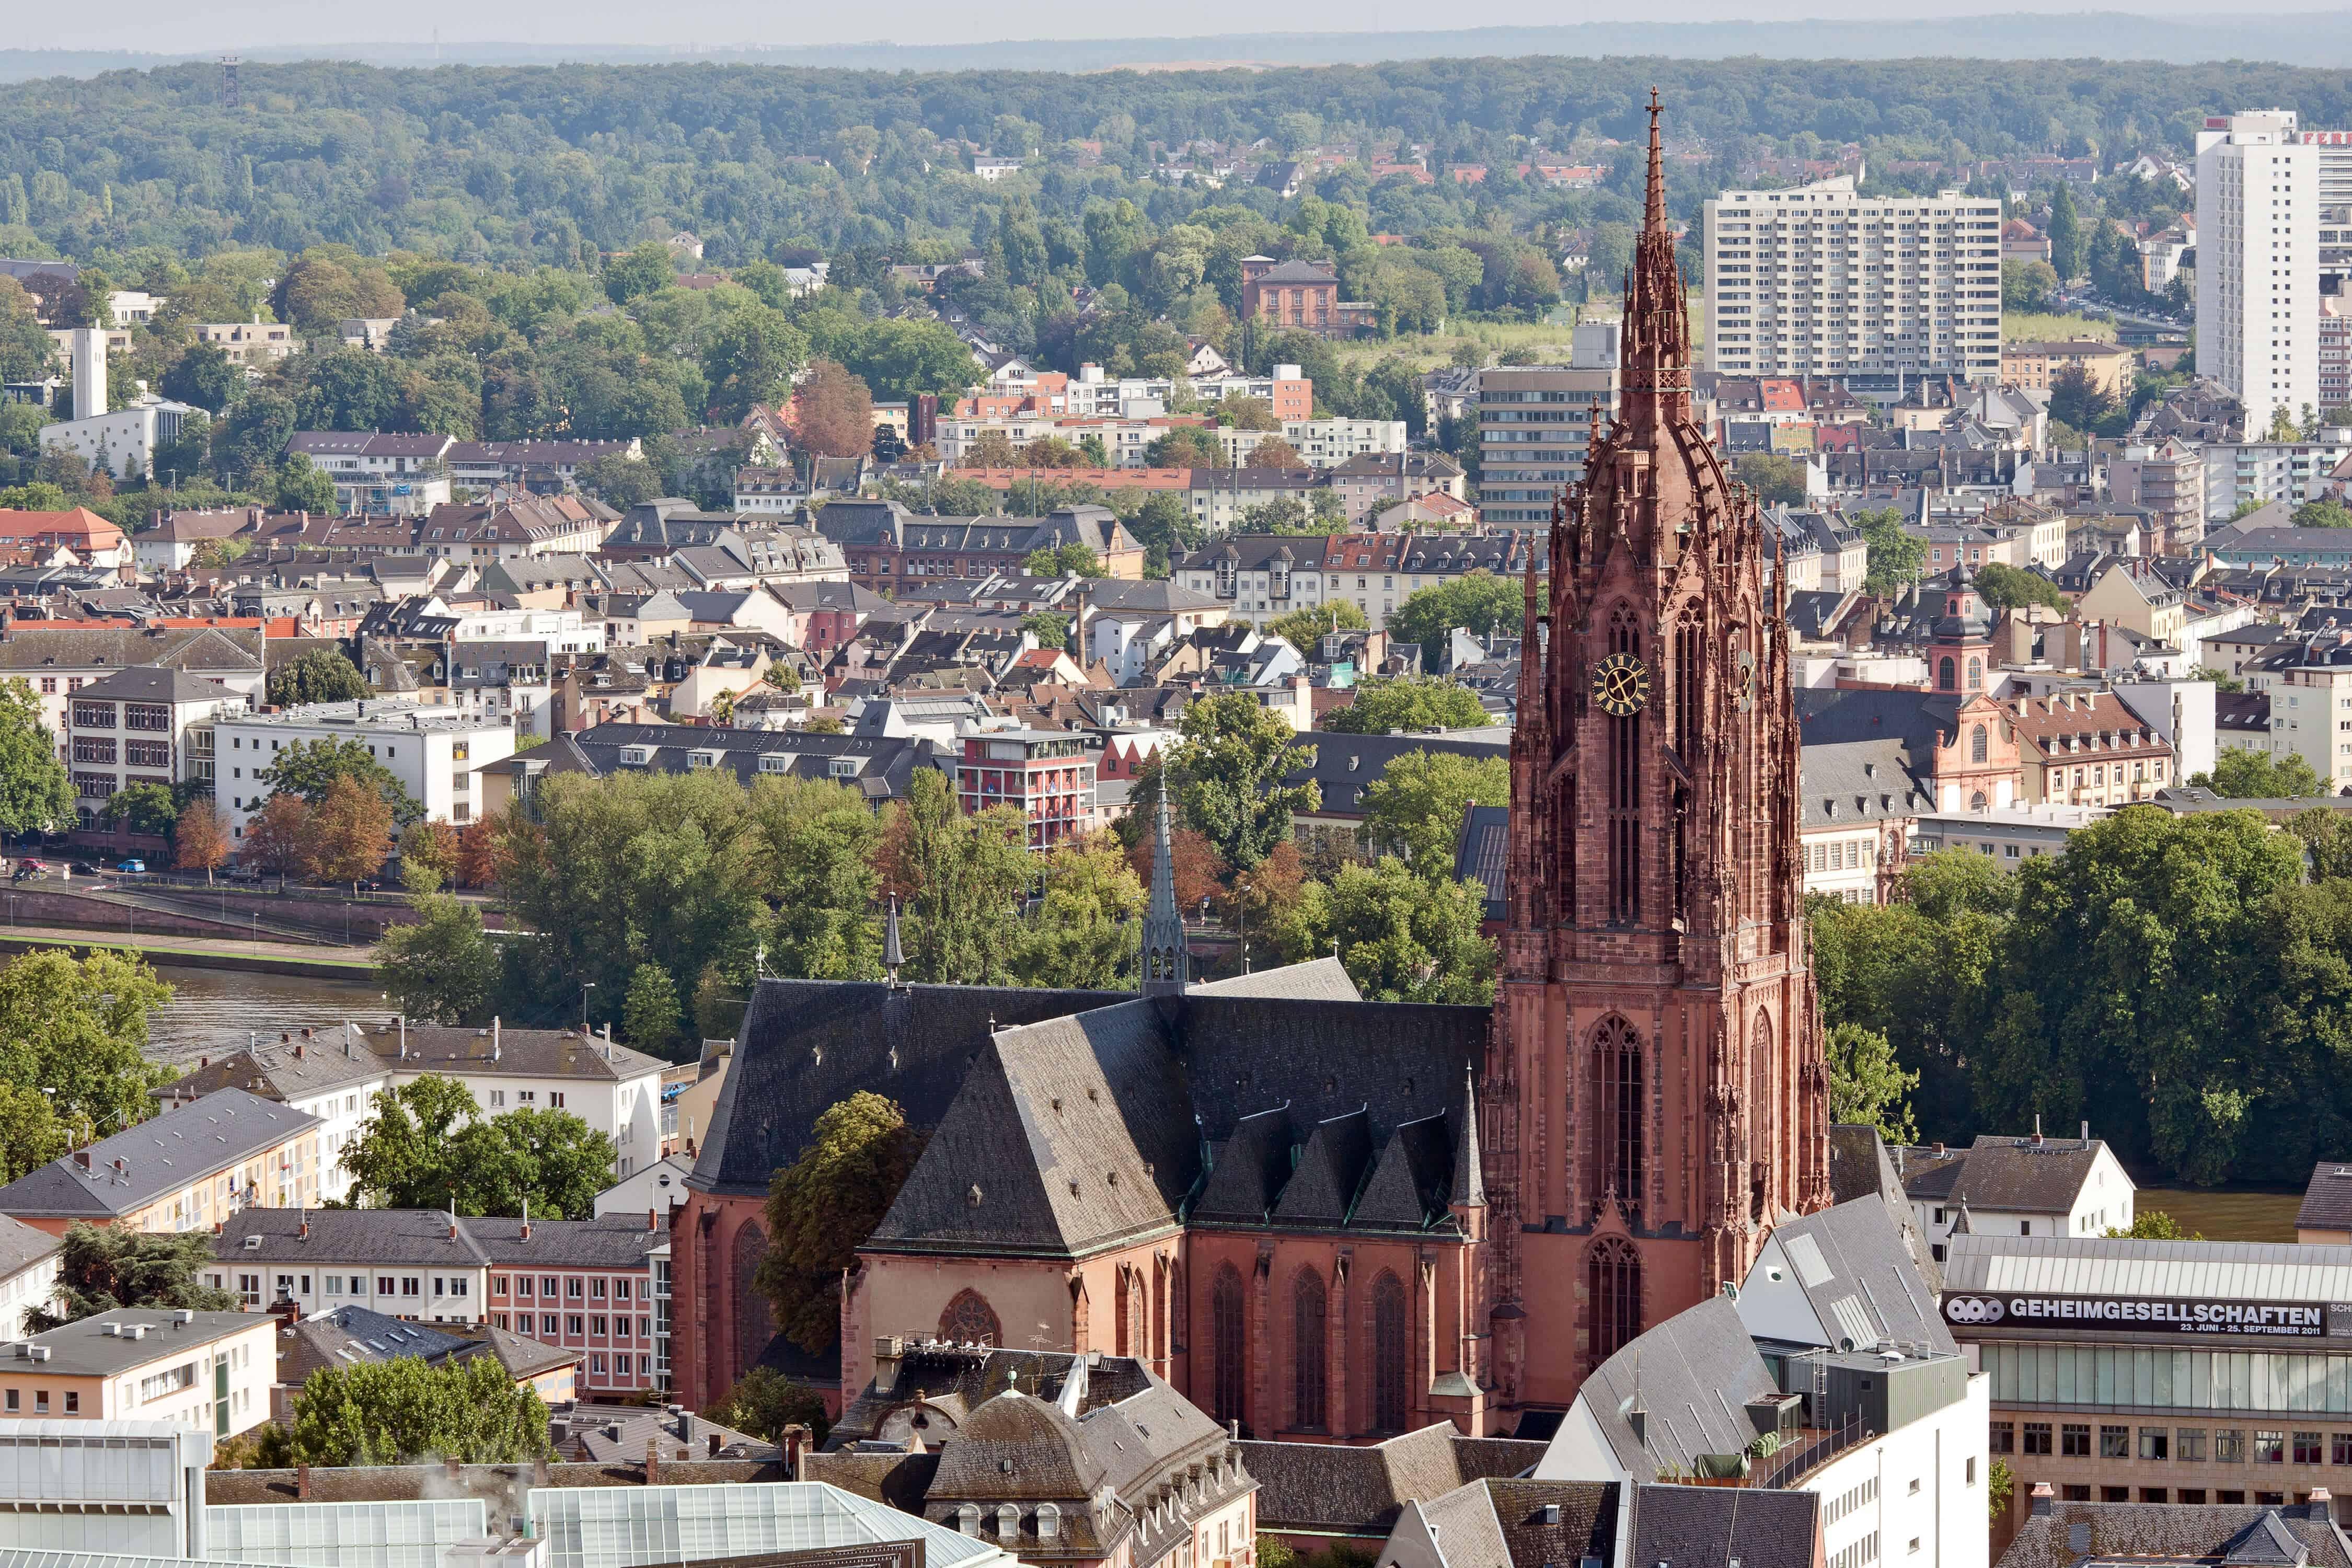 O que fazer em Frankfurt: Catedral de Frankfurt